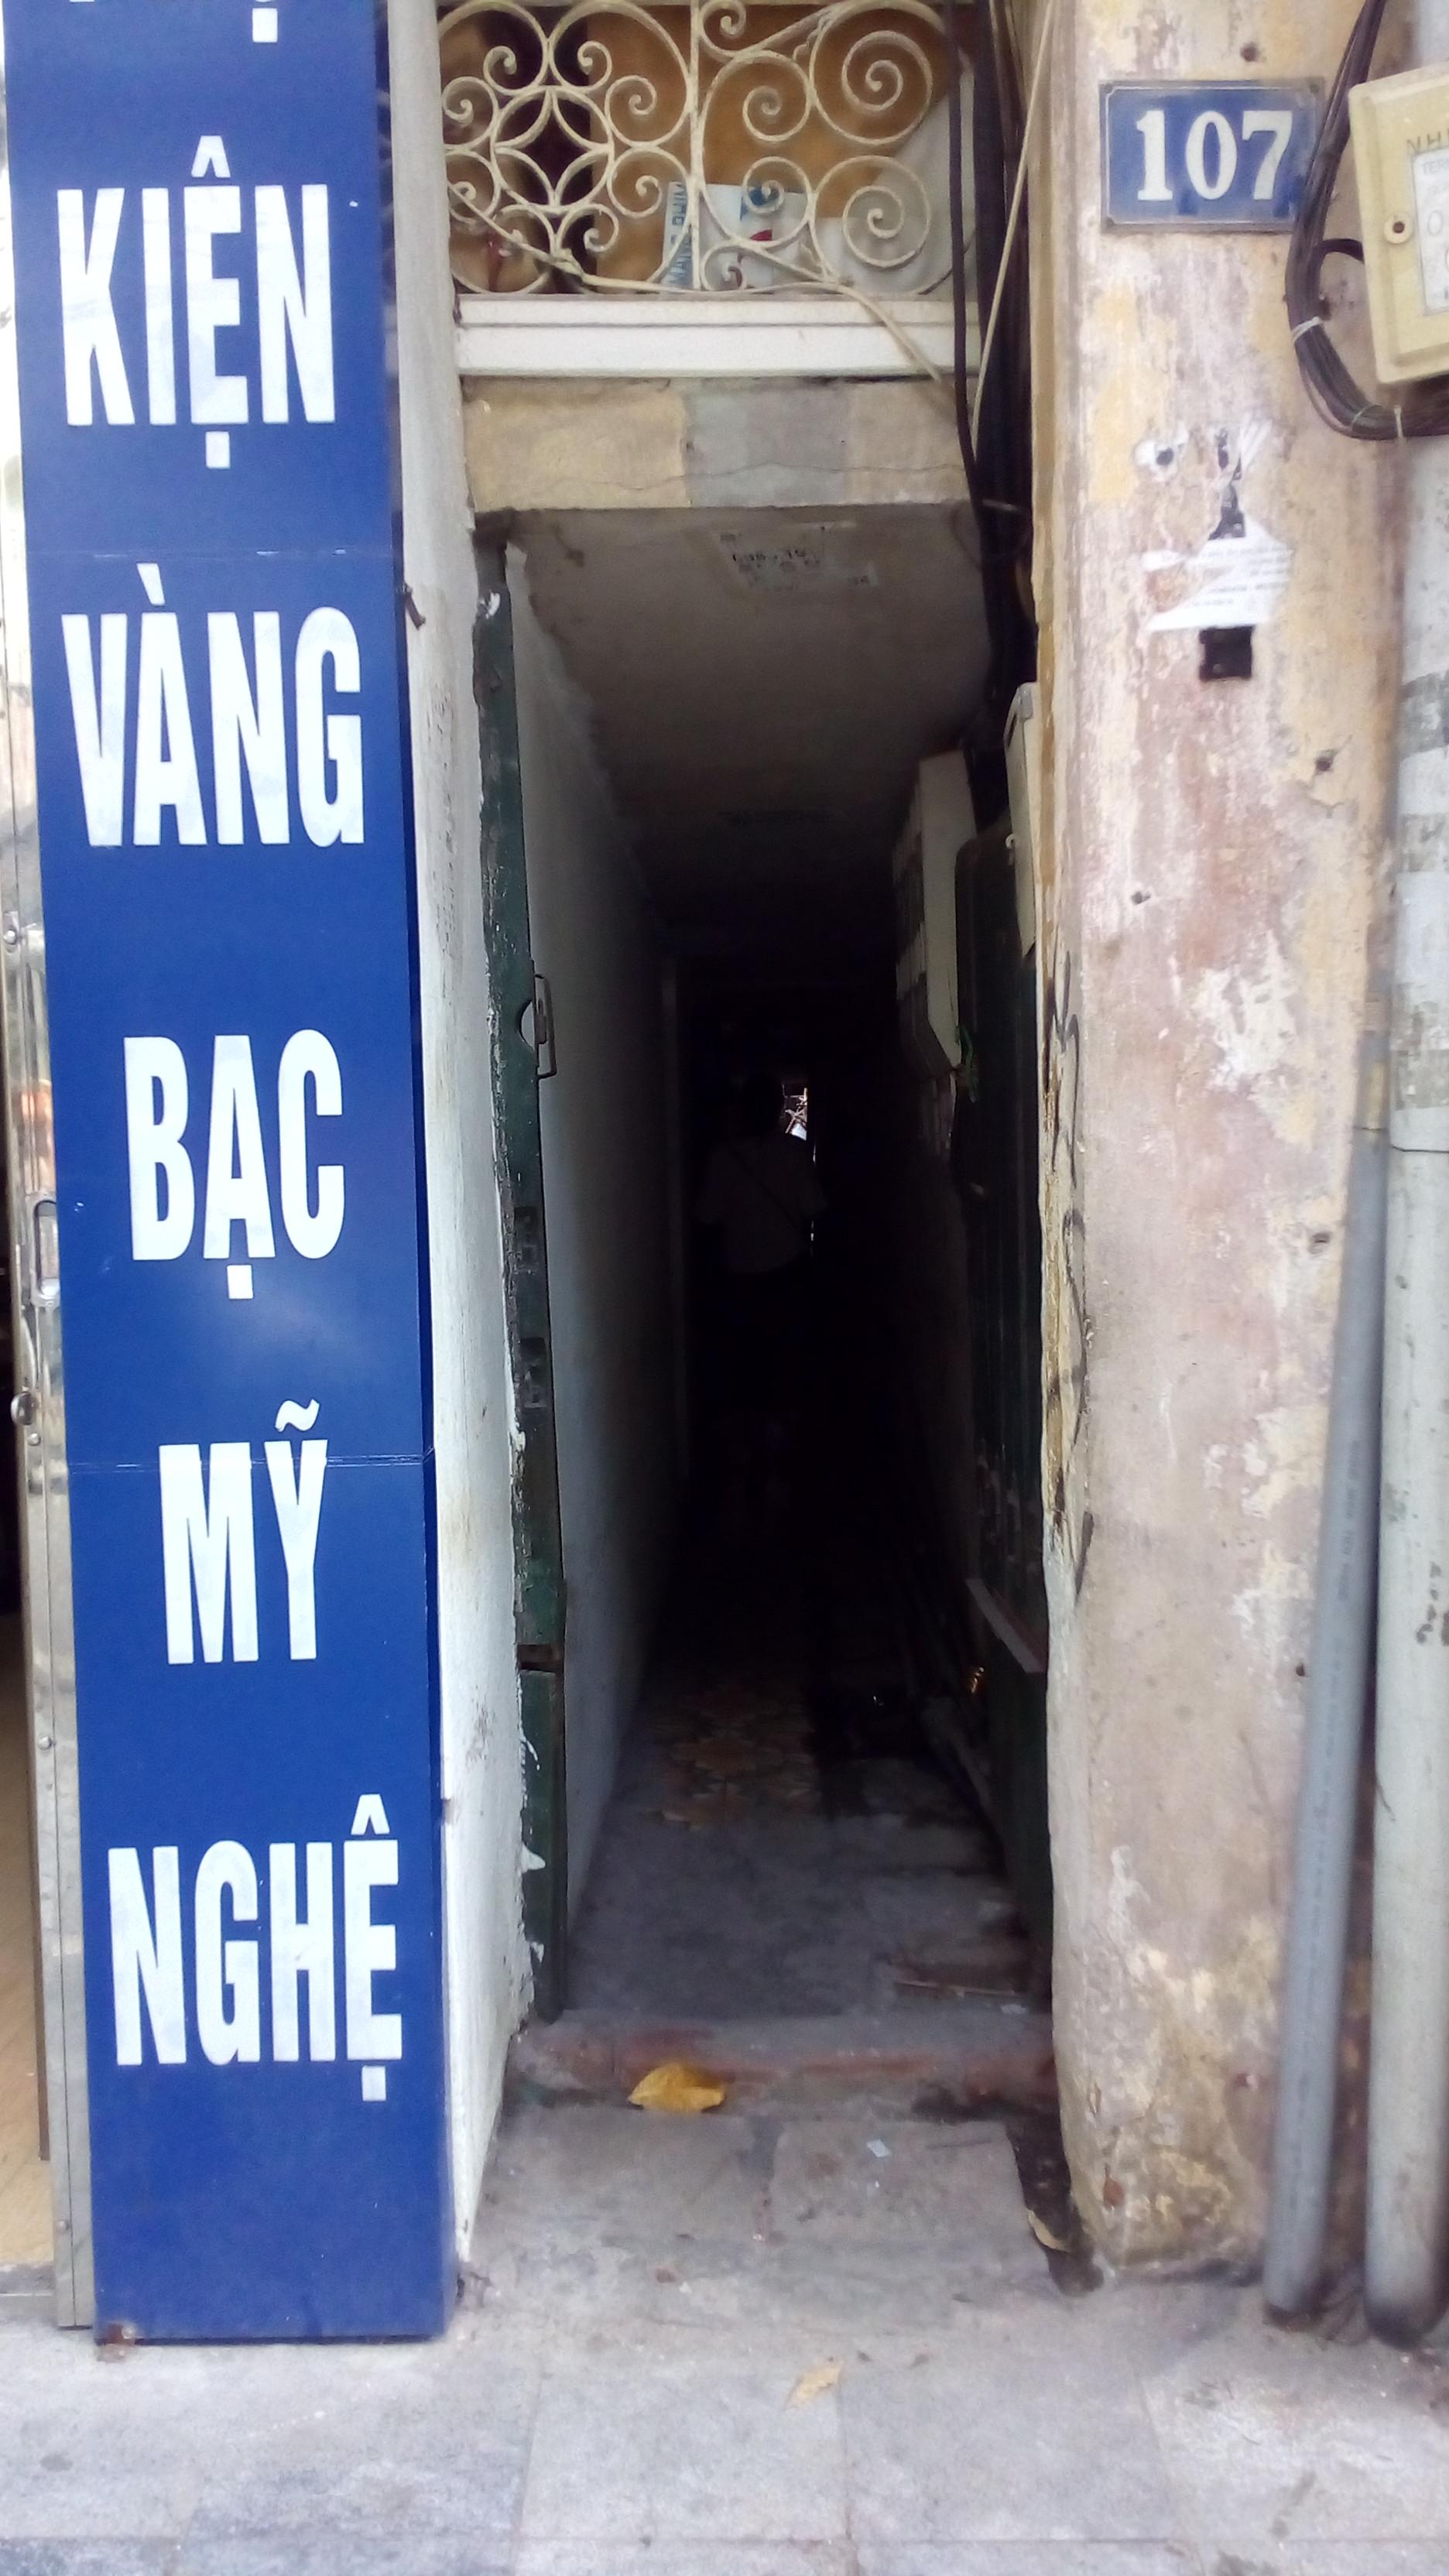 Hà Nội: 2 thế hệ cùng sinh sống trên nóc nhà vệ sinh công cộng ở phố Hàng Bạc - Ảnh 1.